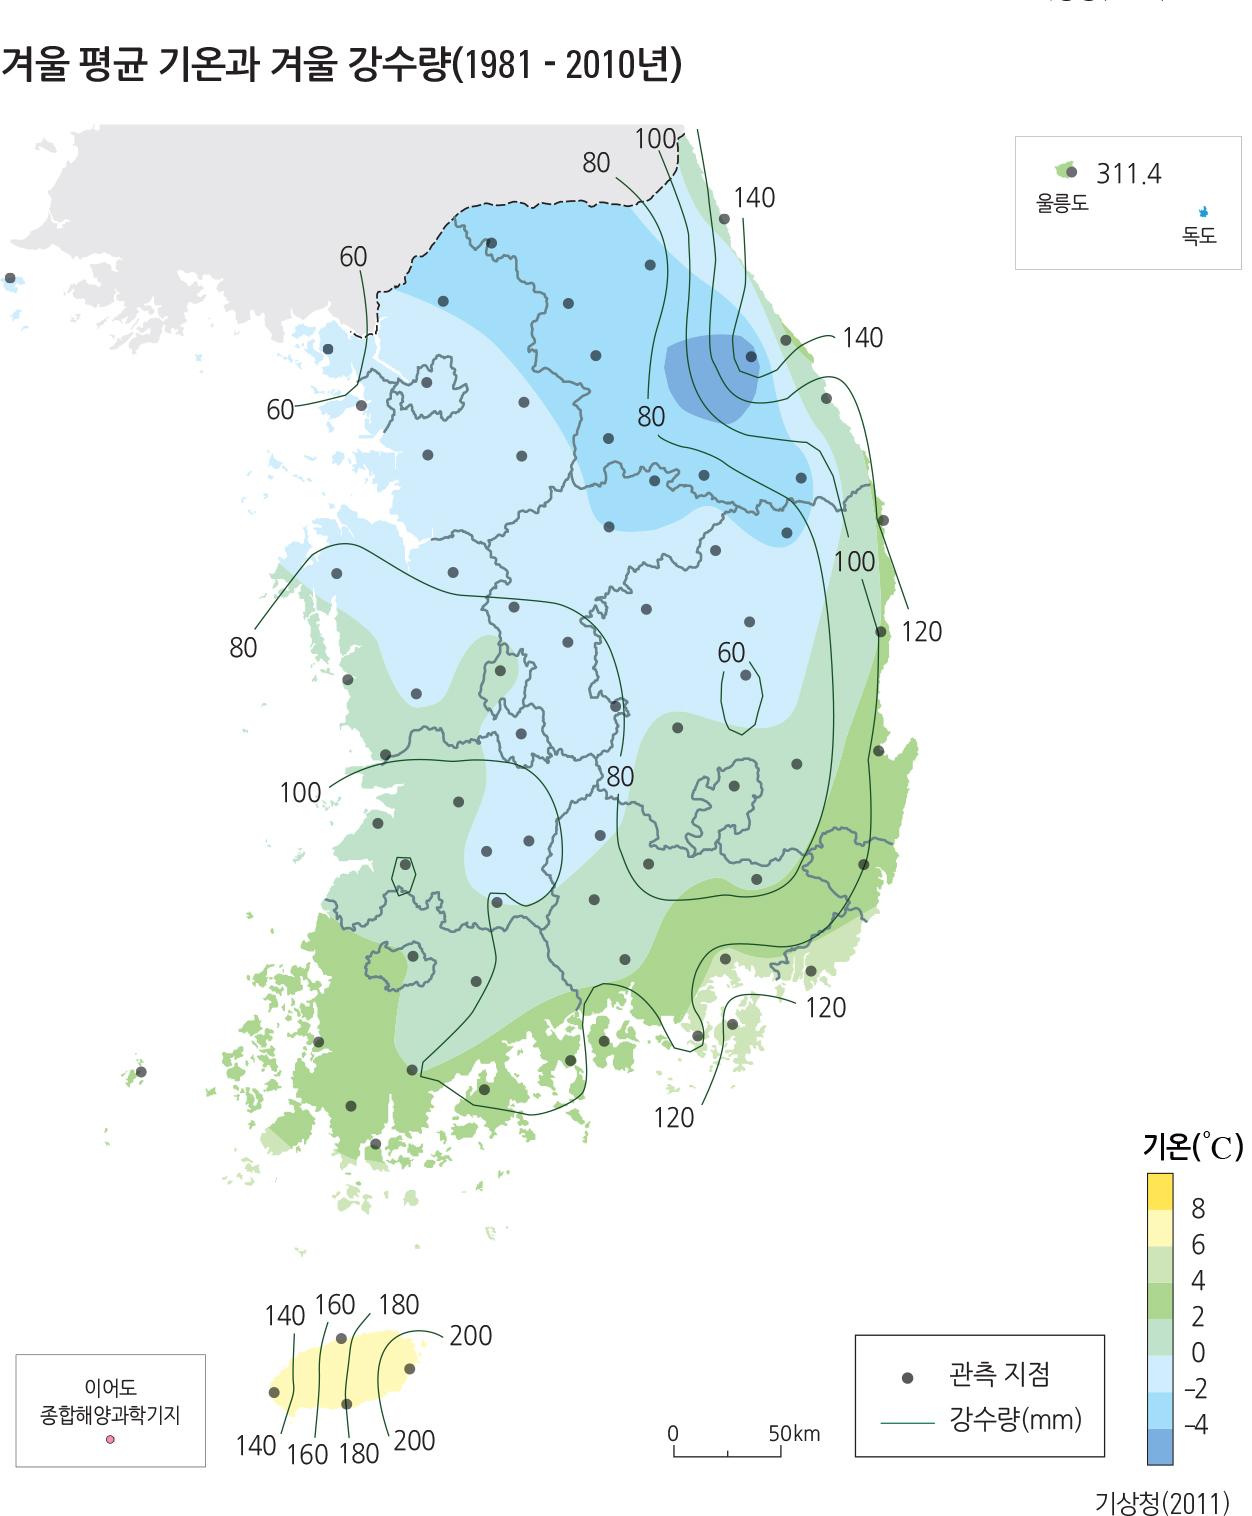 겨울 평균 기온과 겨울 강수량(1981 - 2010년)